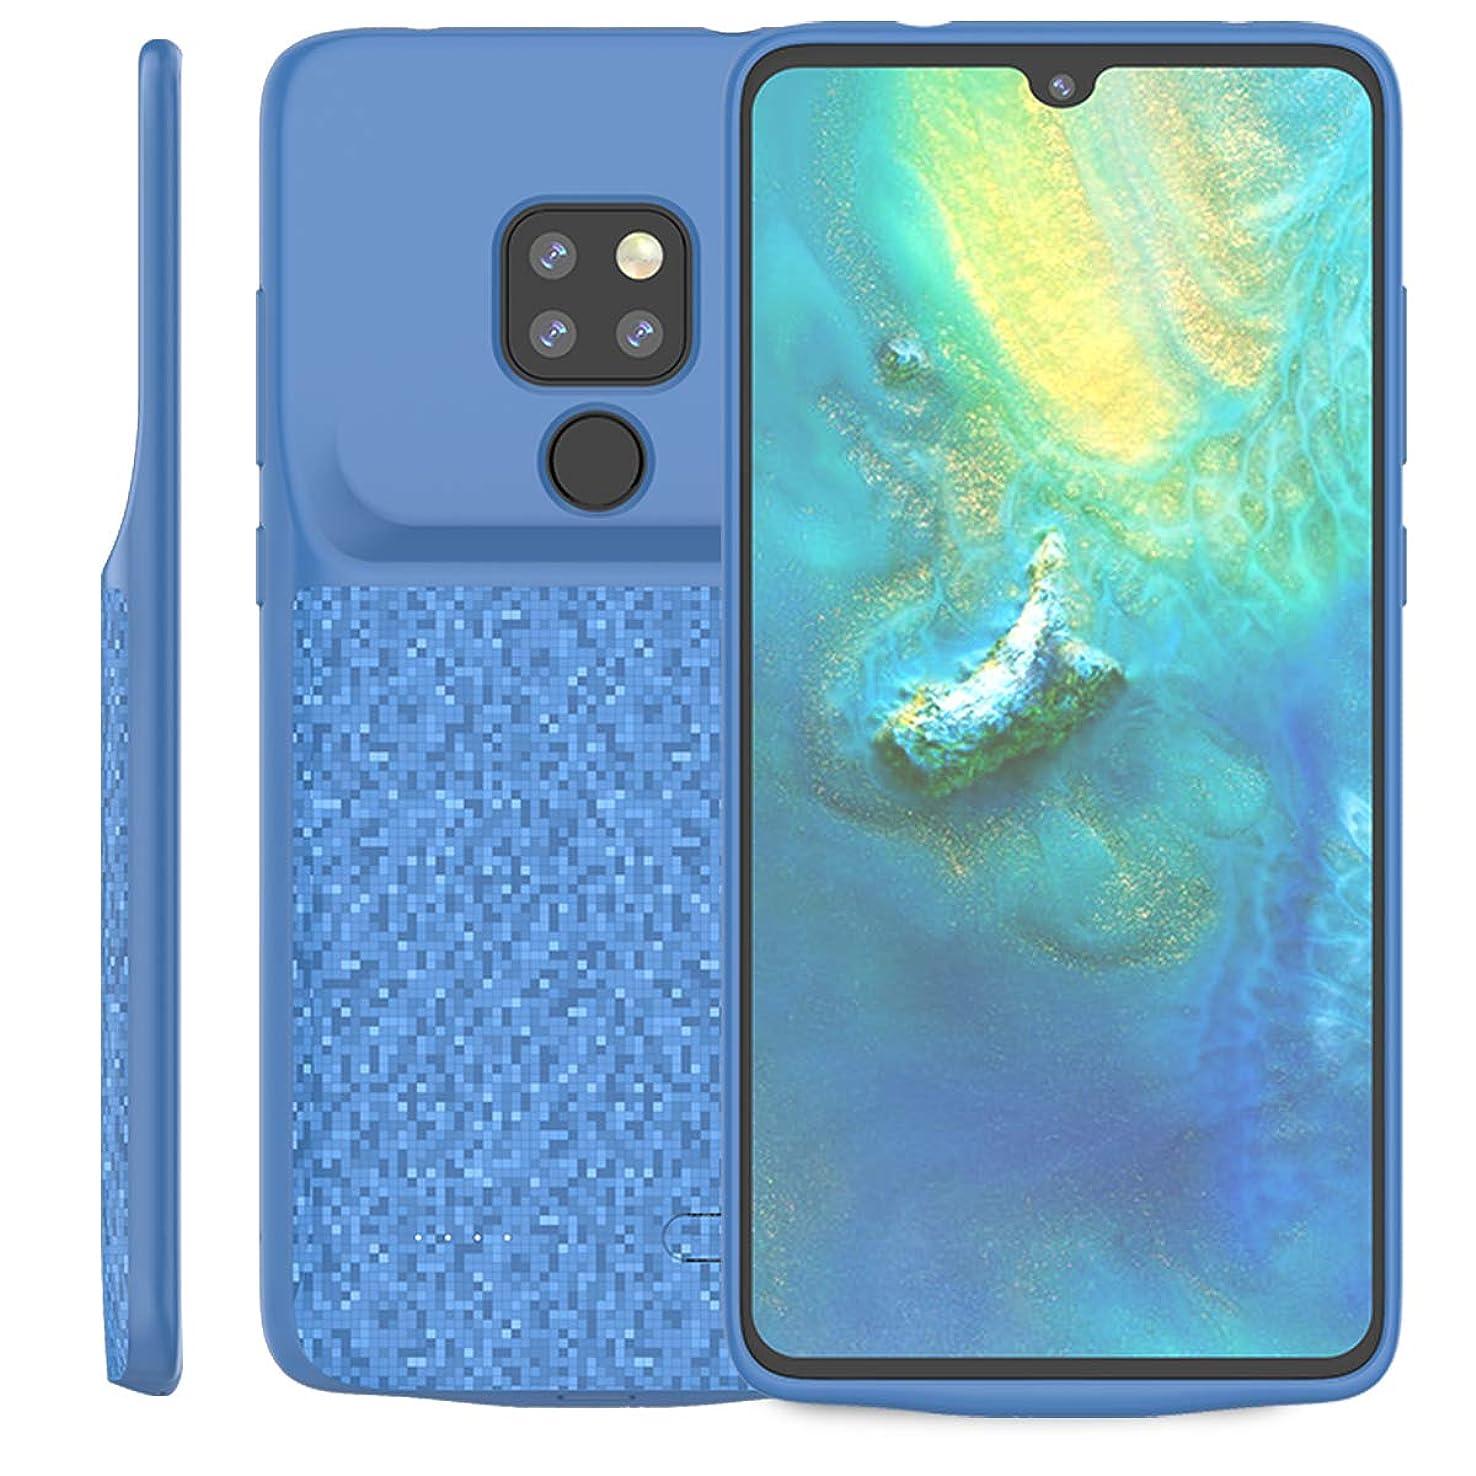 ピッチ消えるお祝いHuawei Mate 20 4700mAh 電池ケース Phoebe スリム 充電式 充電ケース ポータブル 外部 充電式 電源 ケース 互換性のある Huawei Mate 20 4700mAh 拡張された 電池 Pack-Blue